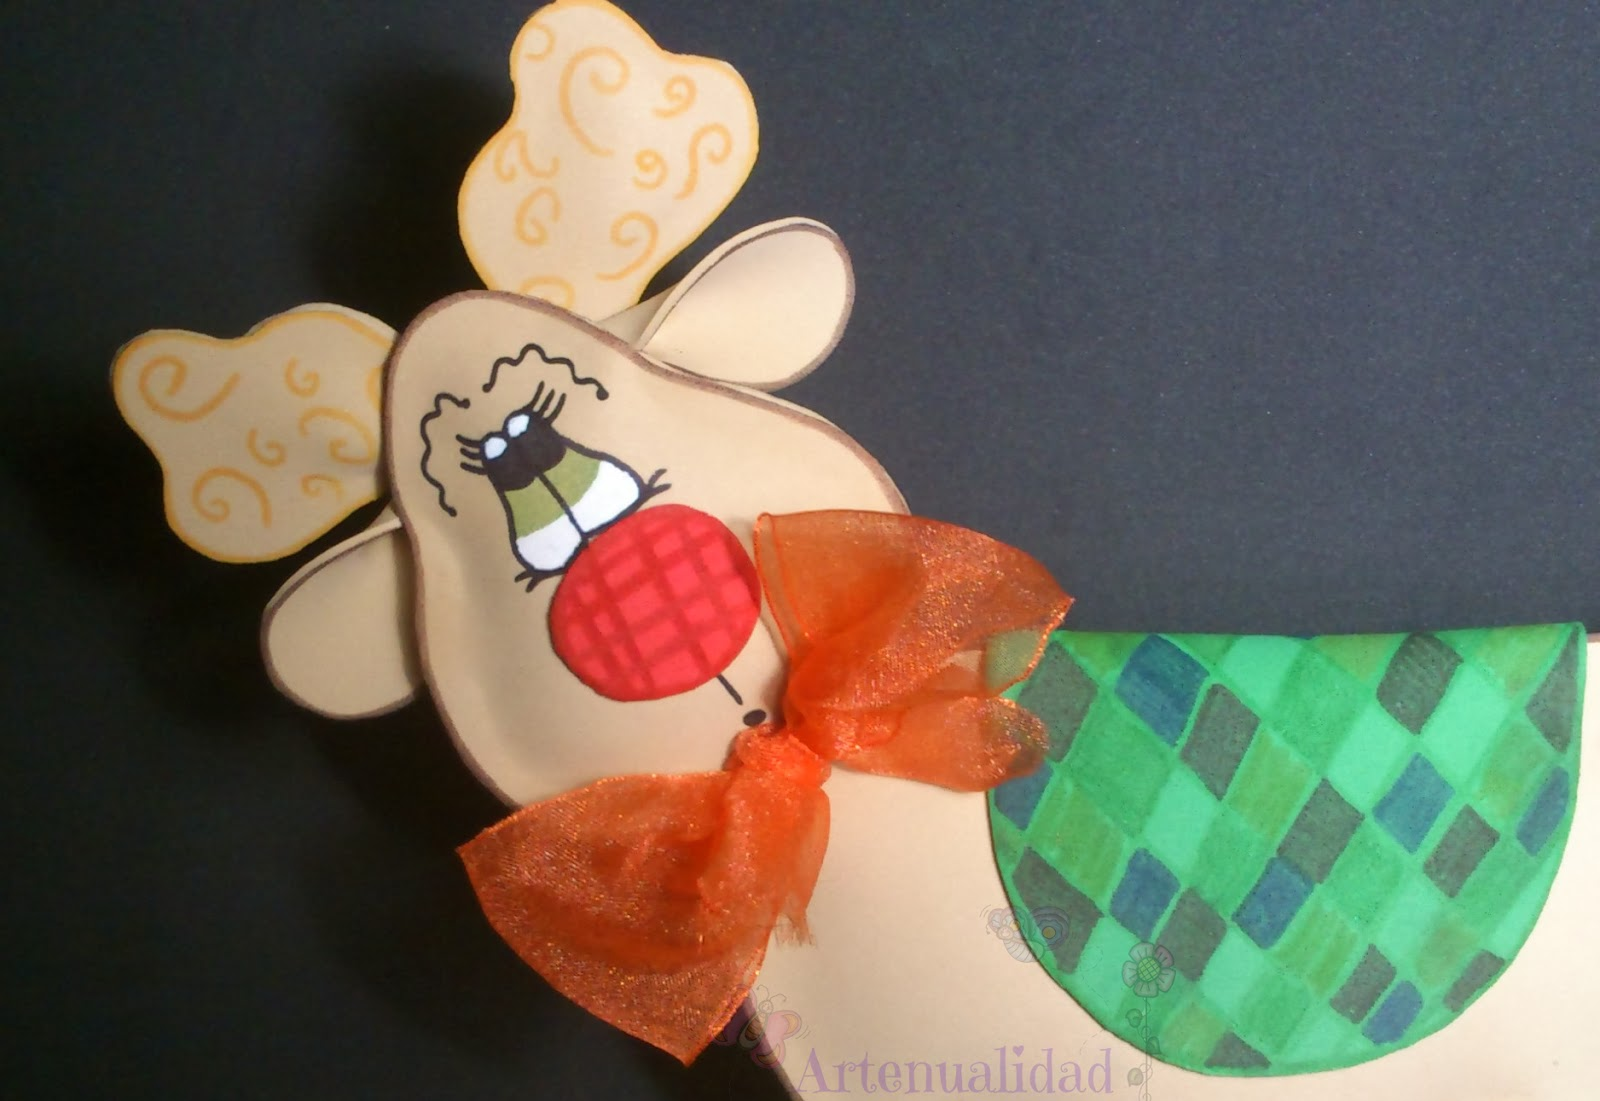 Al Baño Navidad Ha Llegado:Artenualidad: Ha llegado al blog la navidad: reno Rudolf